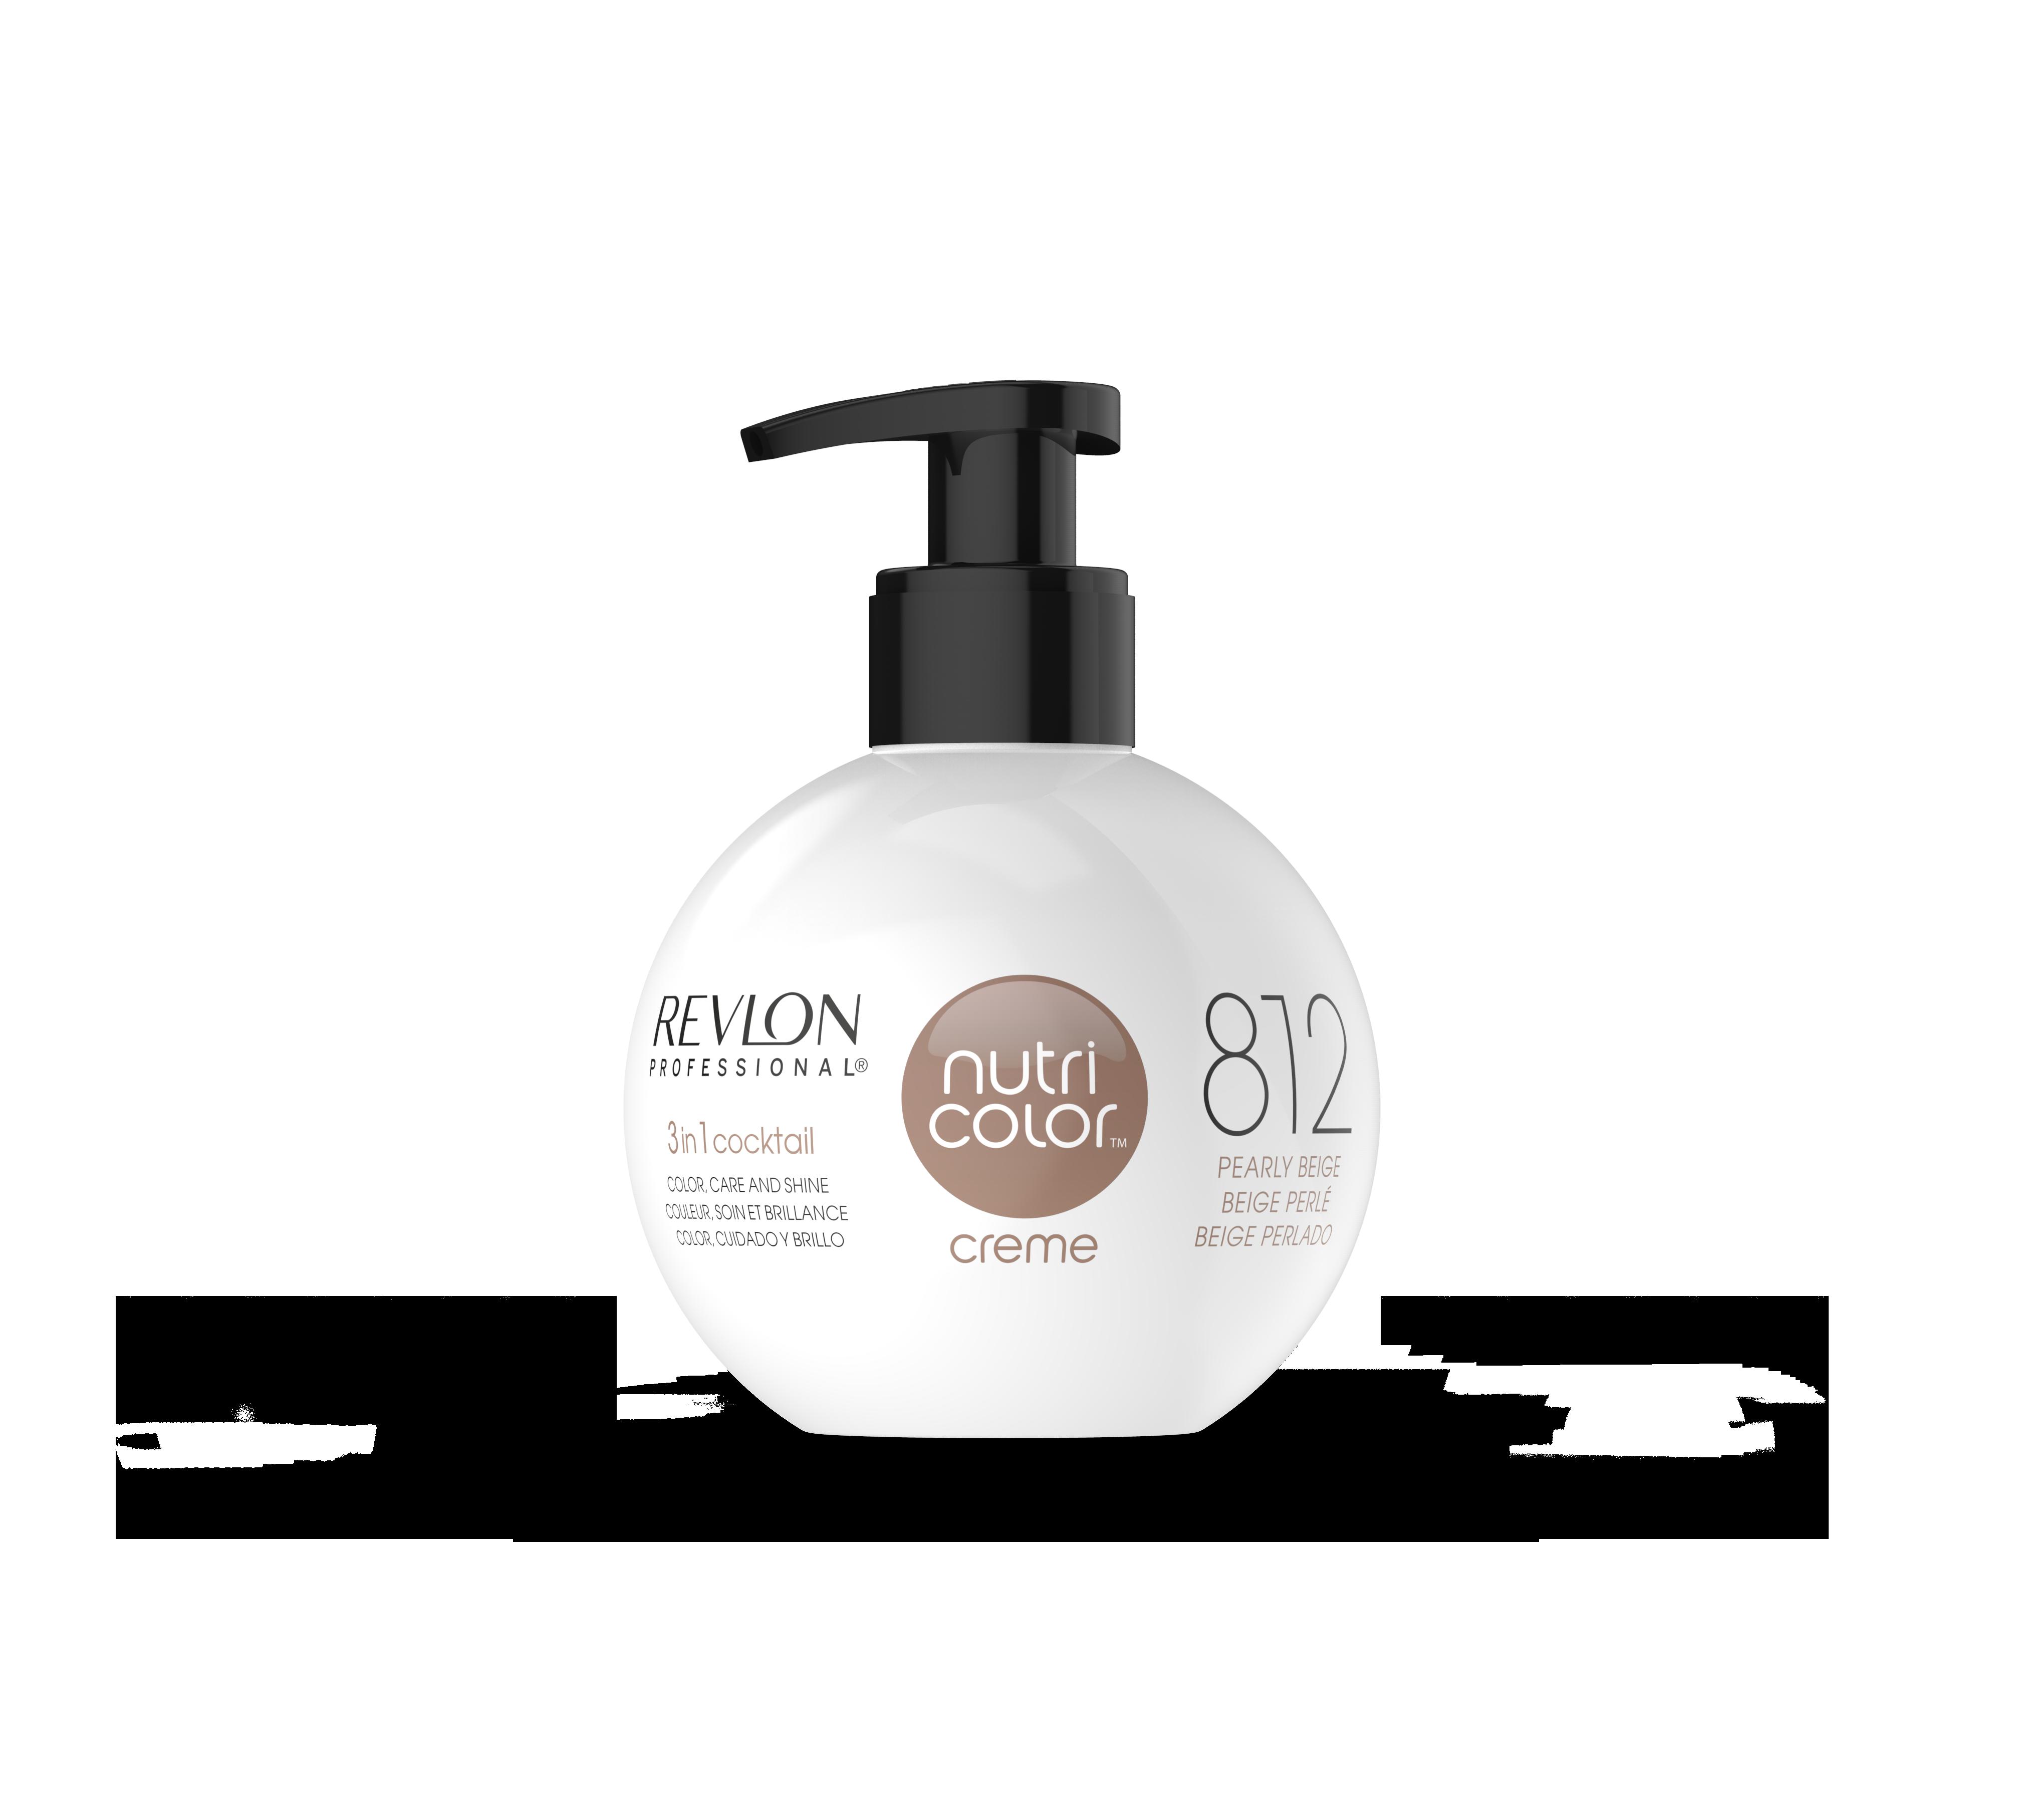 REVLON PROFESSIONAL 812 краска 3 в 1 для волос, жемчужный бежевый / NUTRI COLOR CREME 270 мл